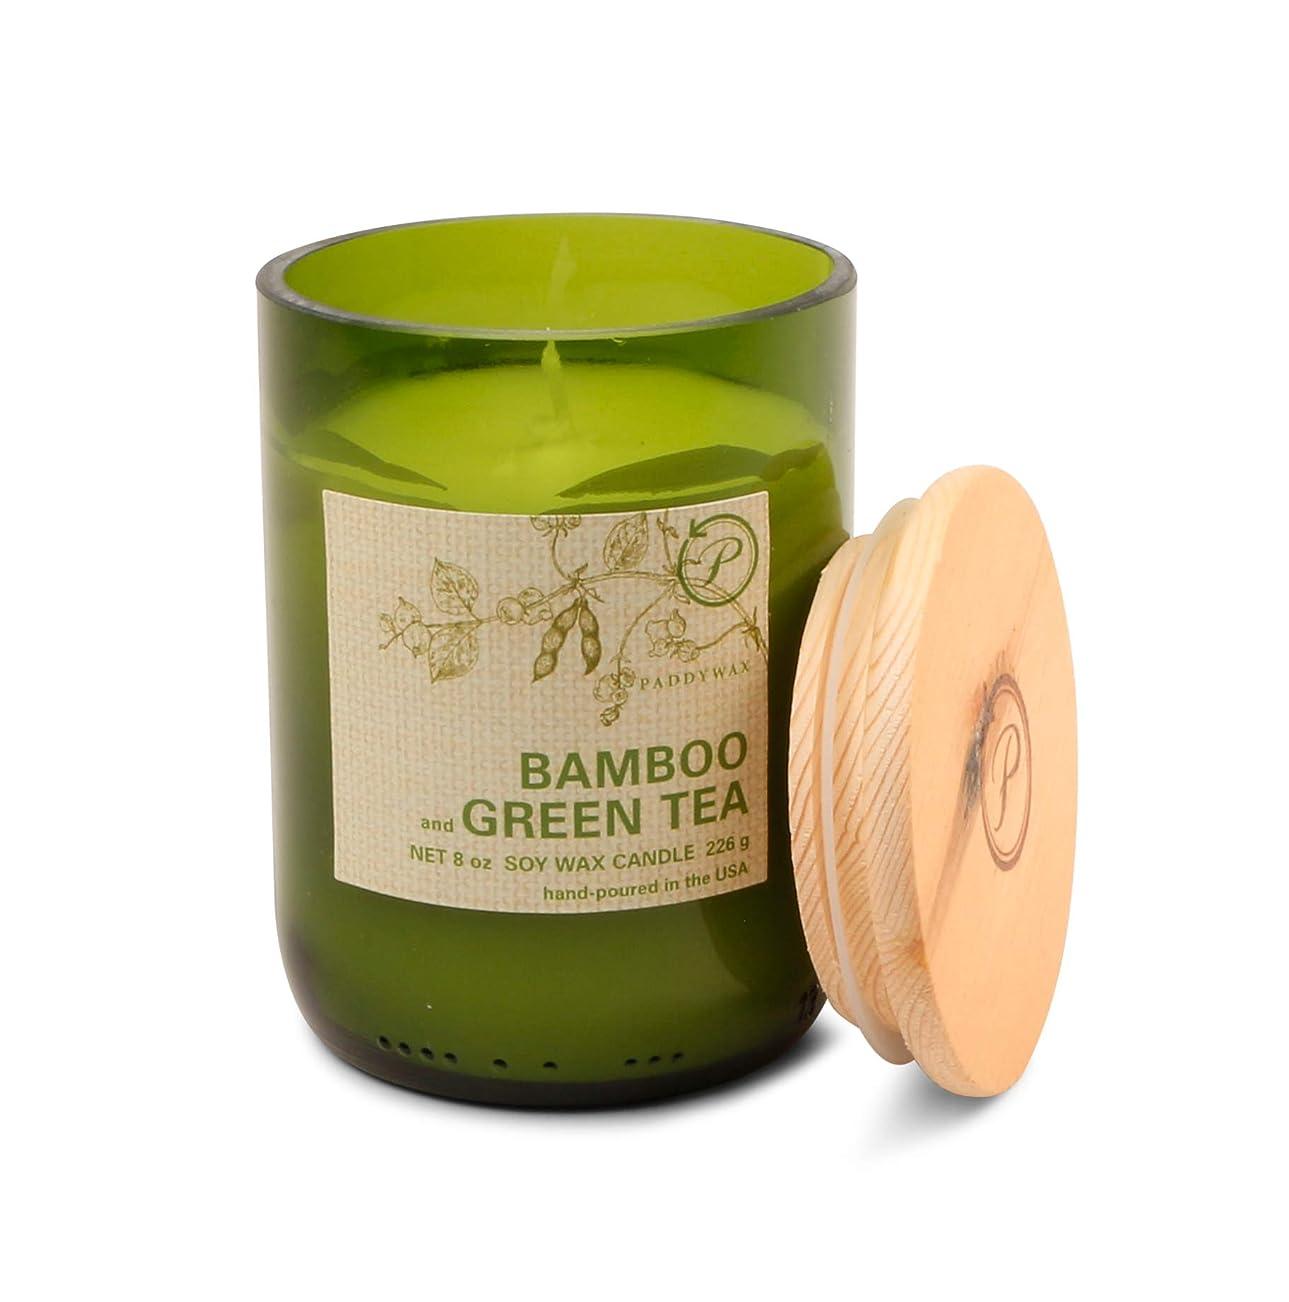 独占先見の明どれかパディワックス(PADDYWAX) エコ?グリーン キャンドル(ECO GREEN Candle) バンブー & グリーンティー(BAMBOO and GREEN TEA)